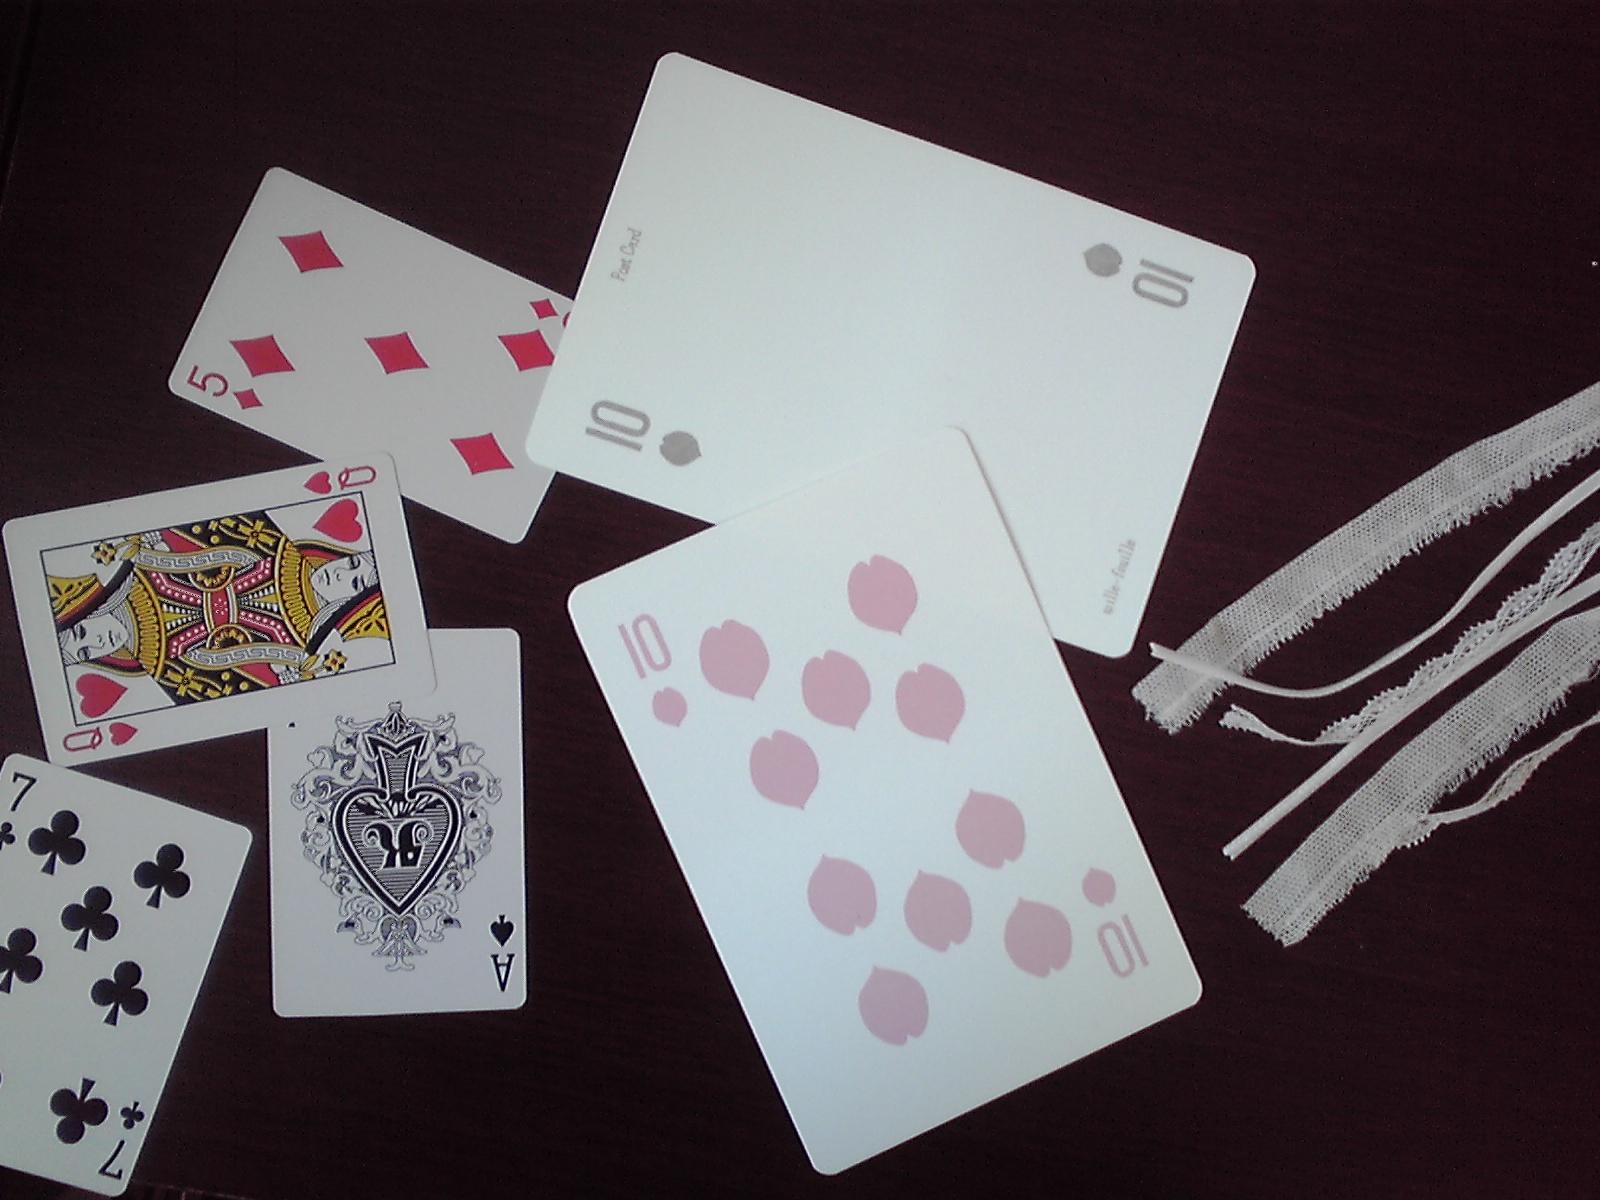 【ポストカード】「さくらトランプ」リニューアル!